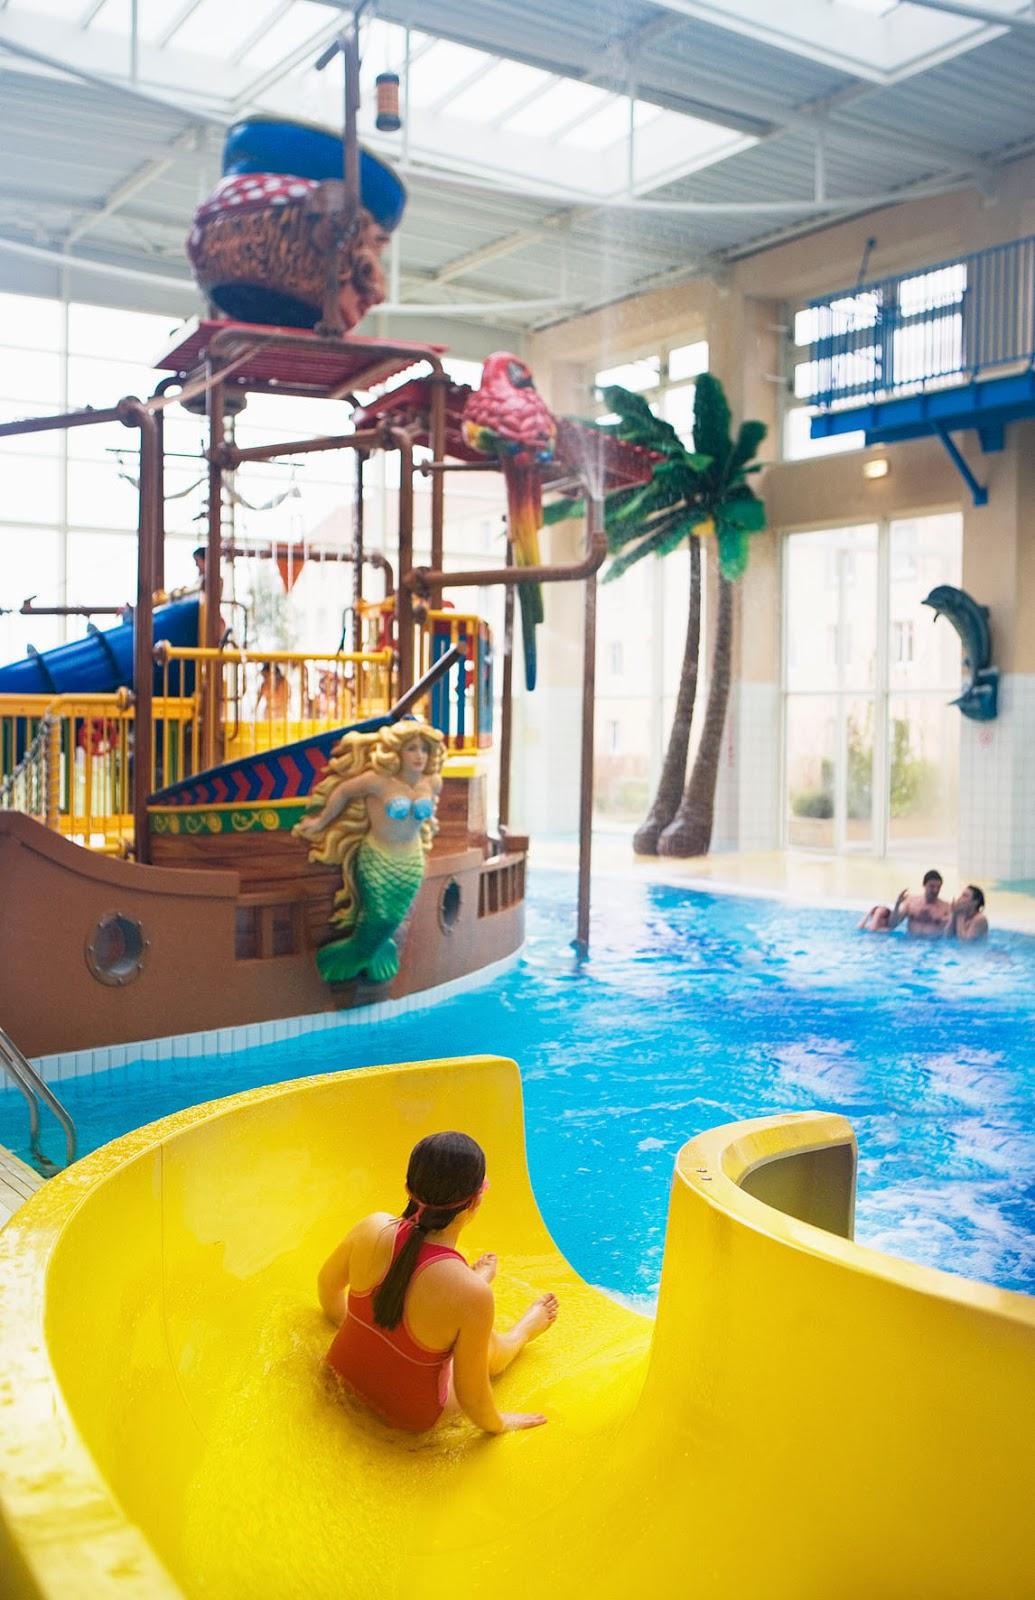 Hoteles para ni os magny le hongre francia hotel for Hoteles con piscina en cuenca